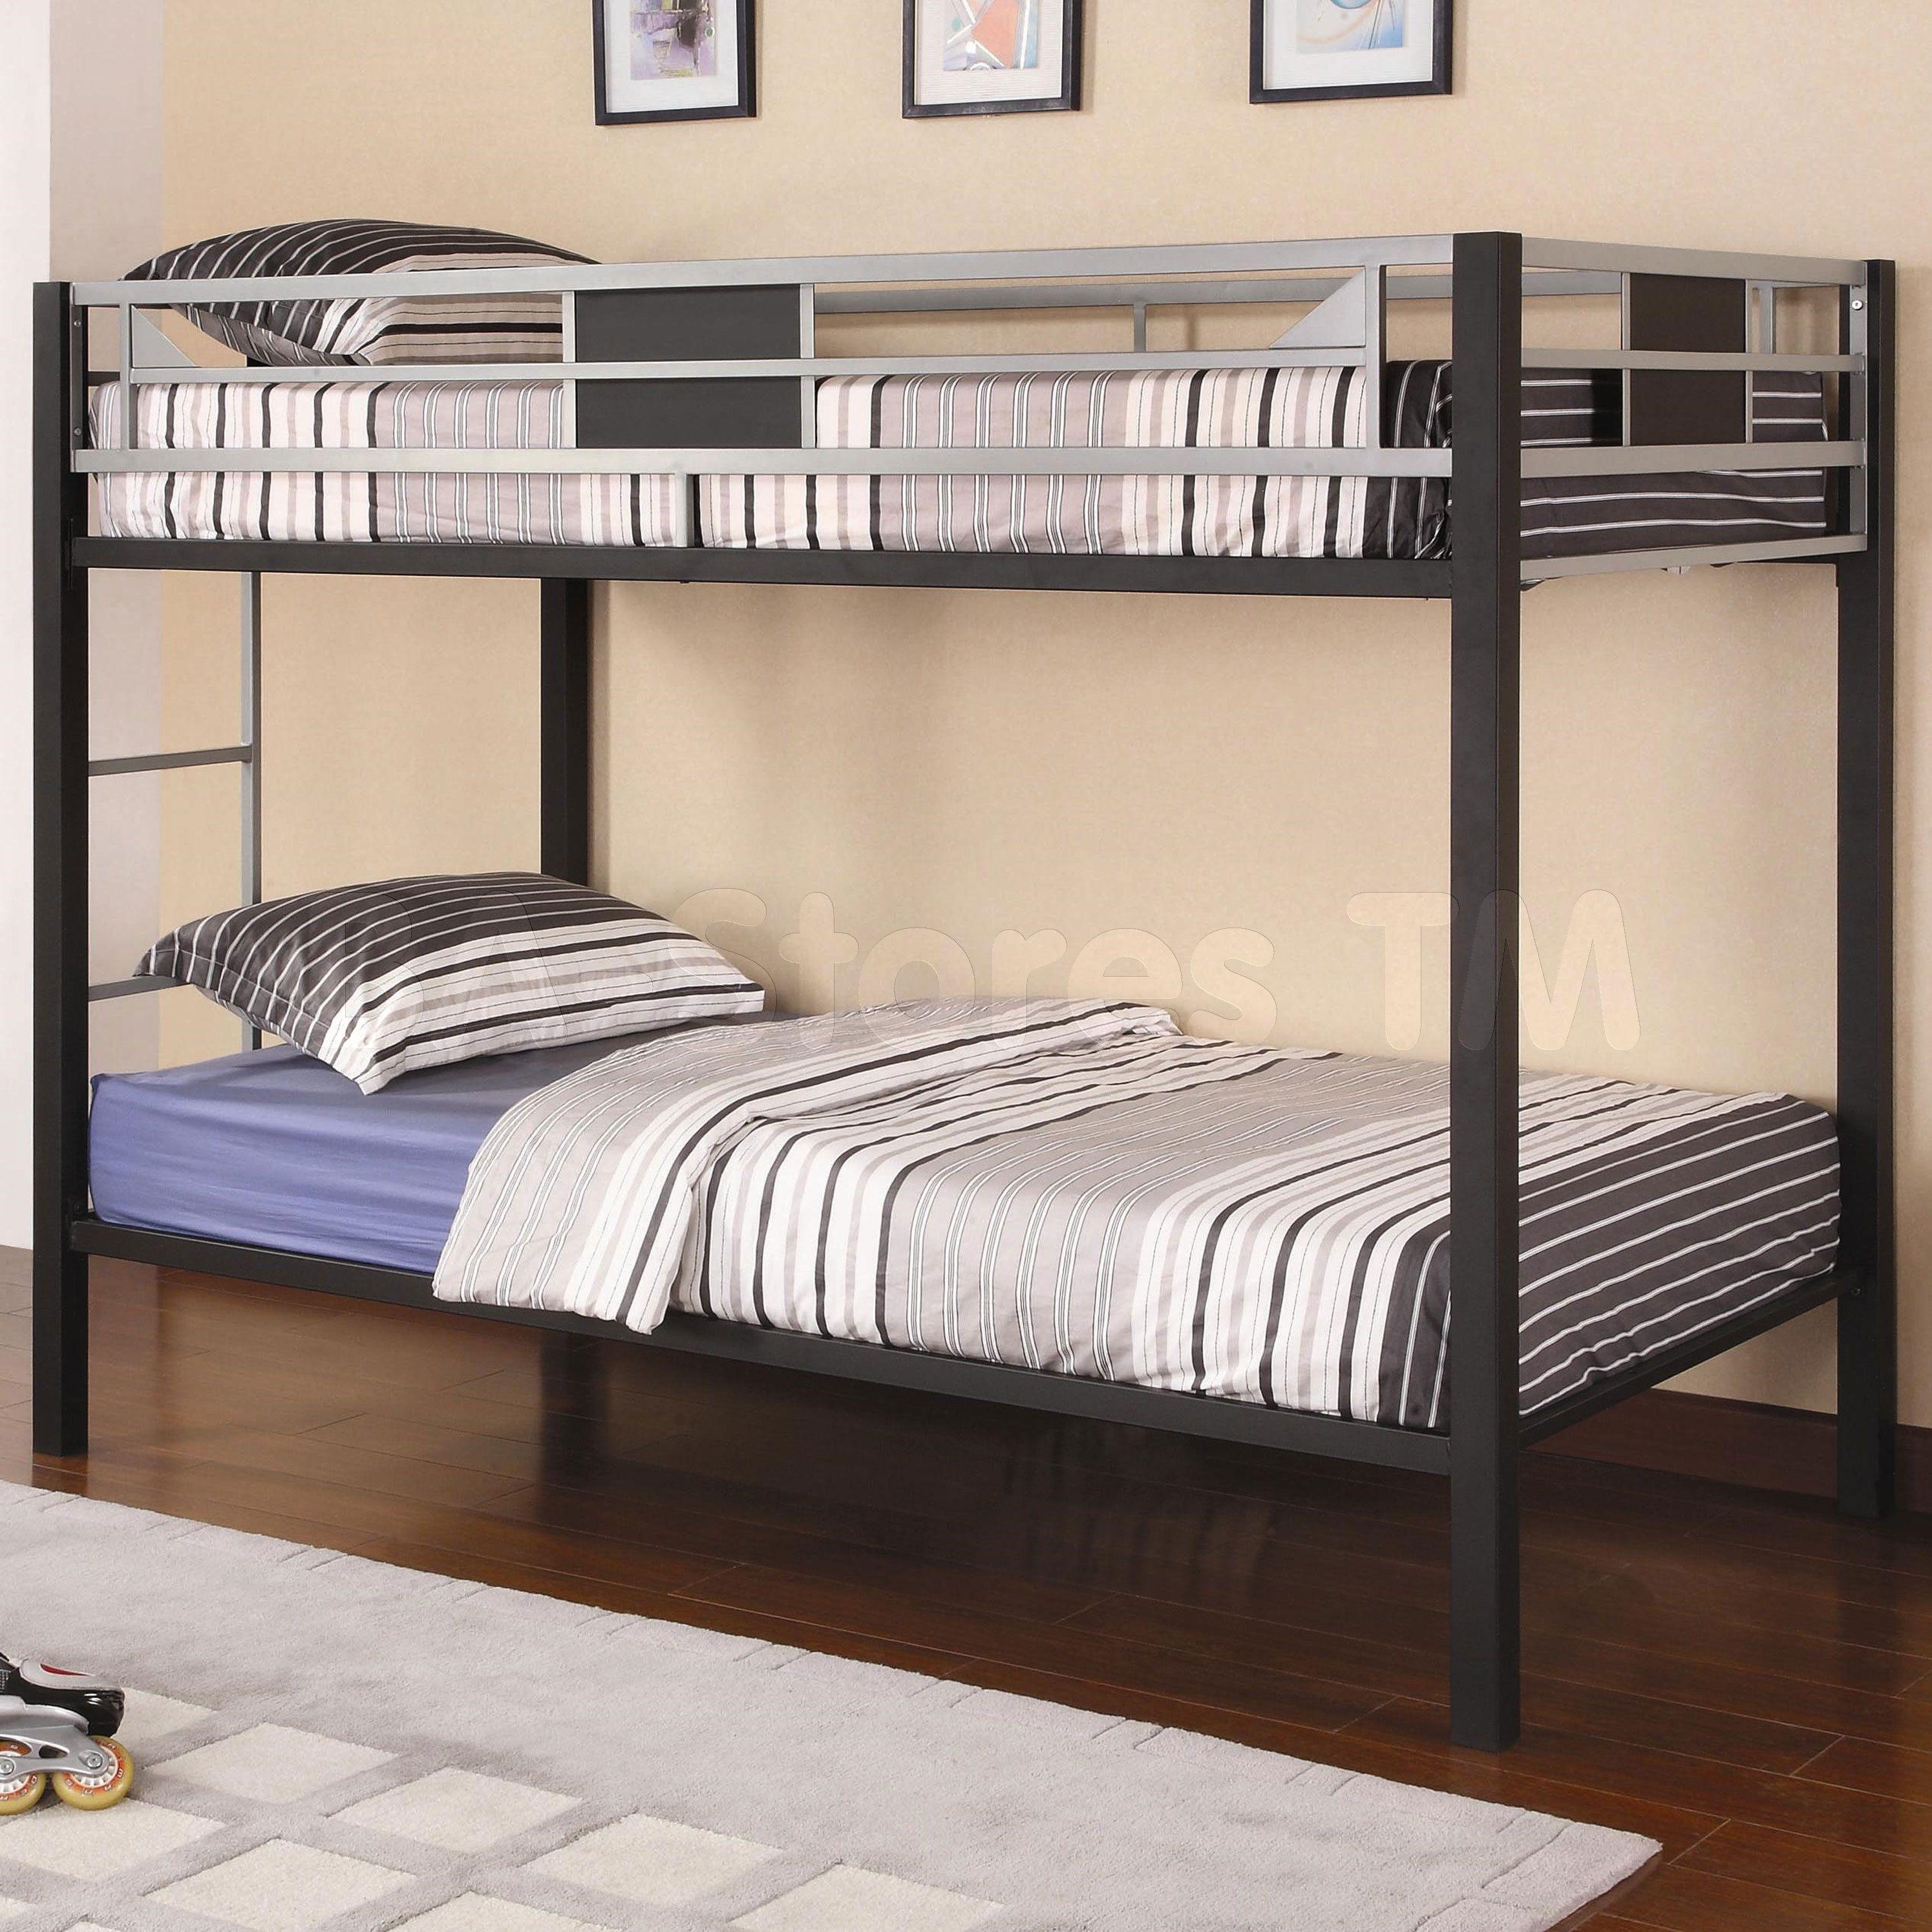 Related image Etagenbett, Bett ideen, Schlafzimmer design